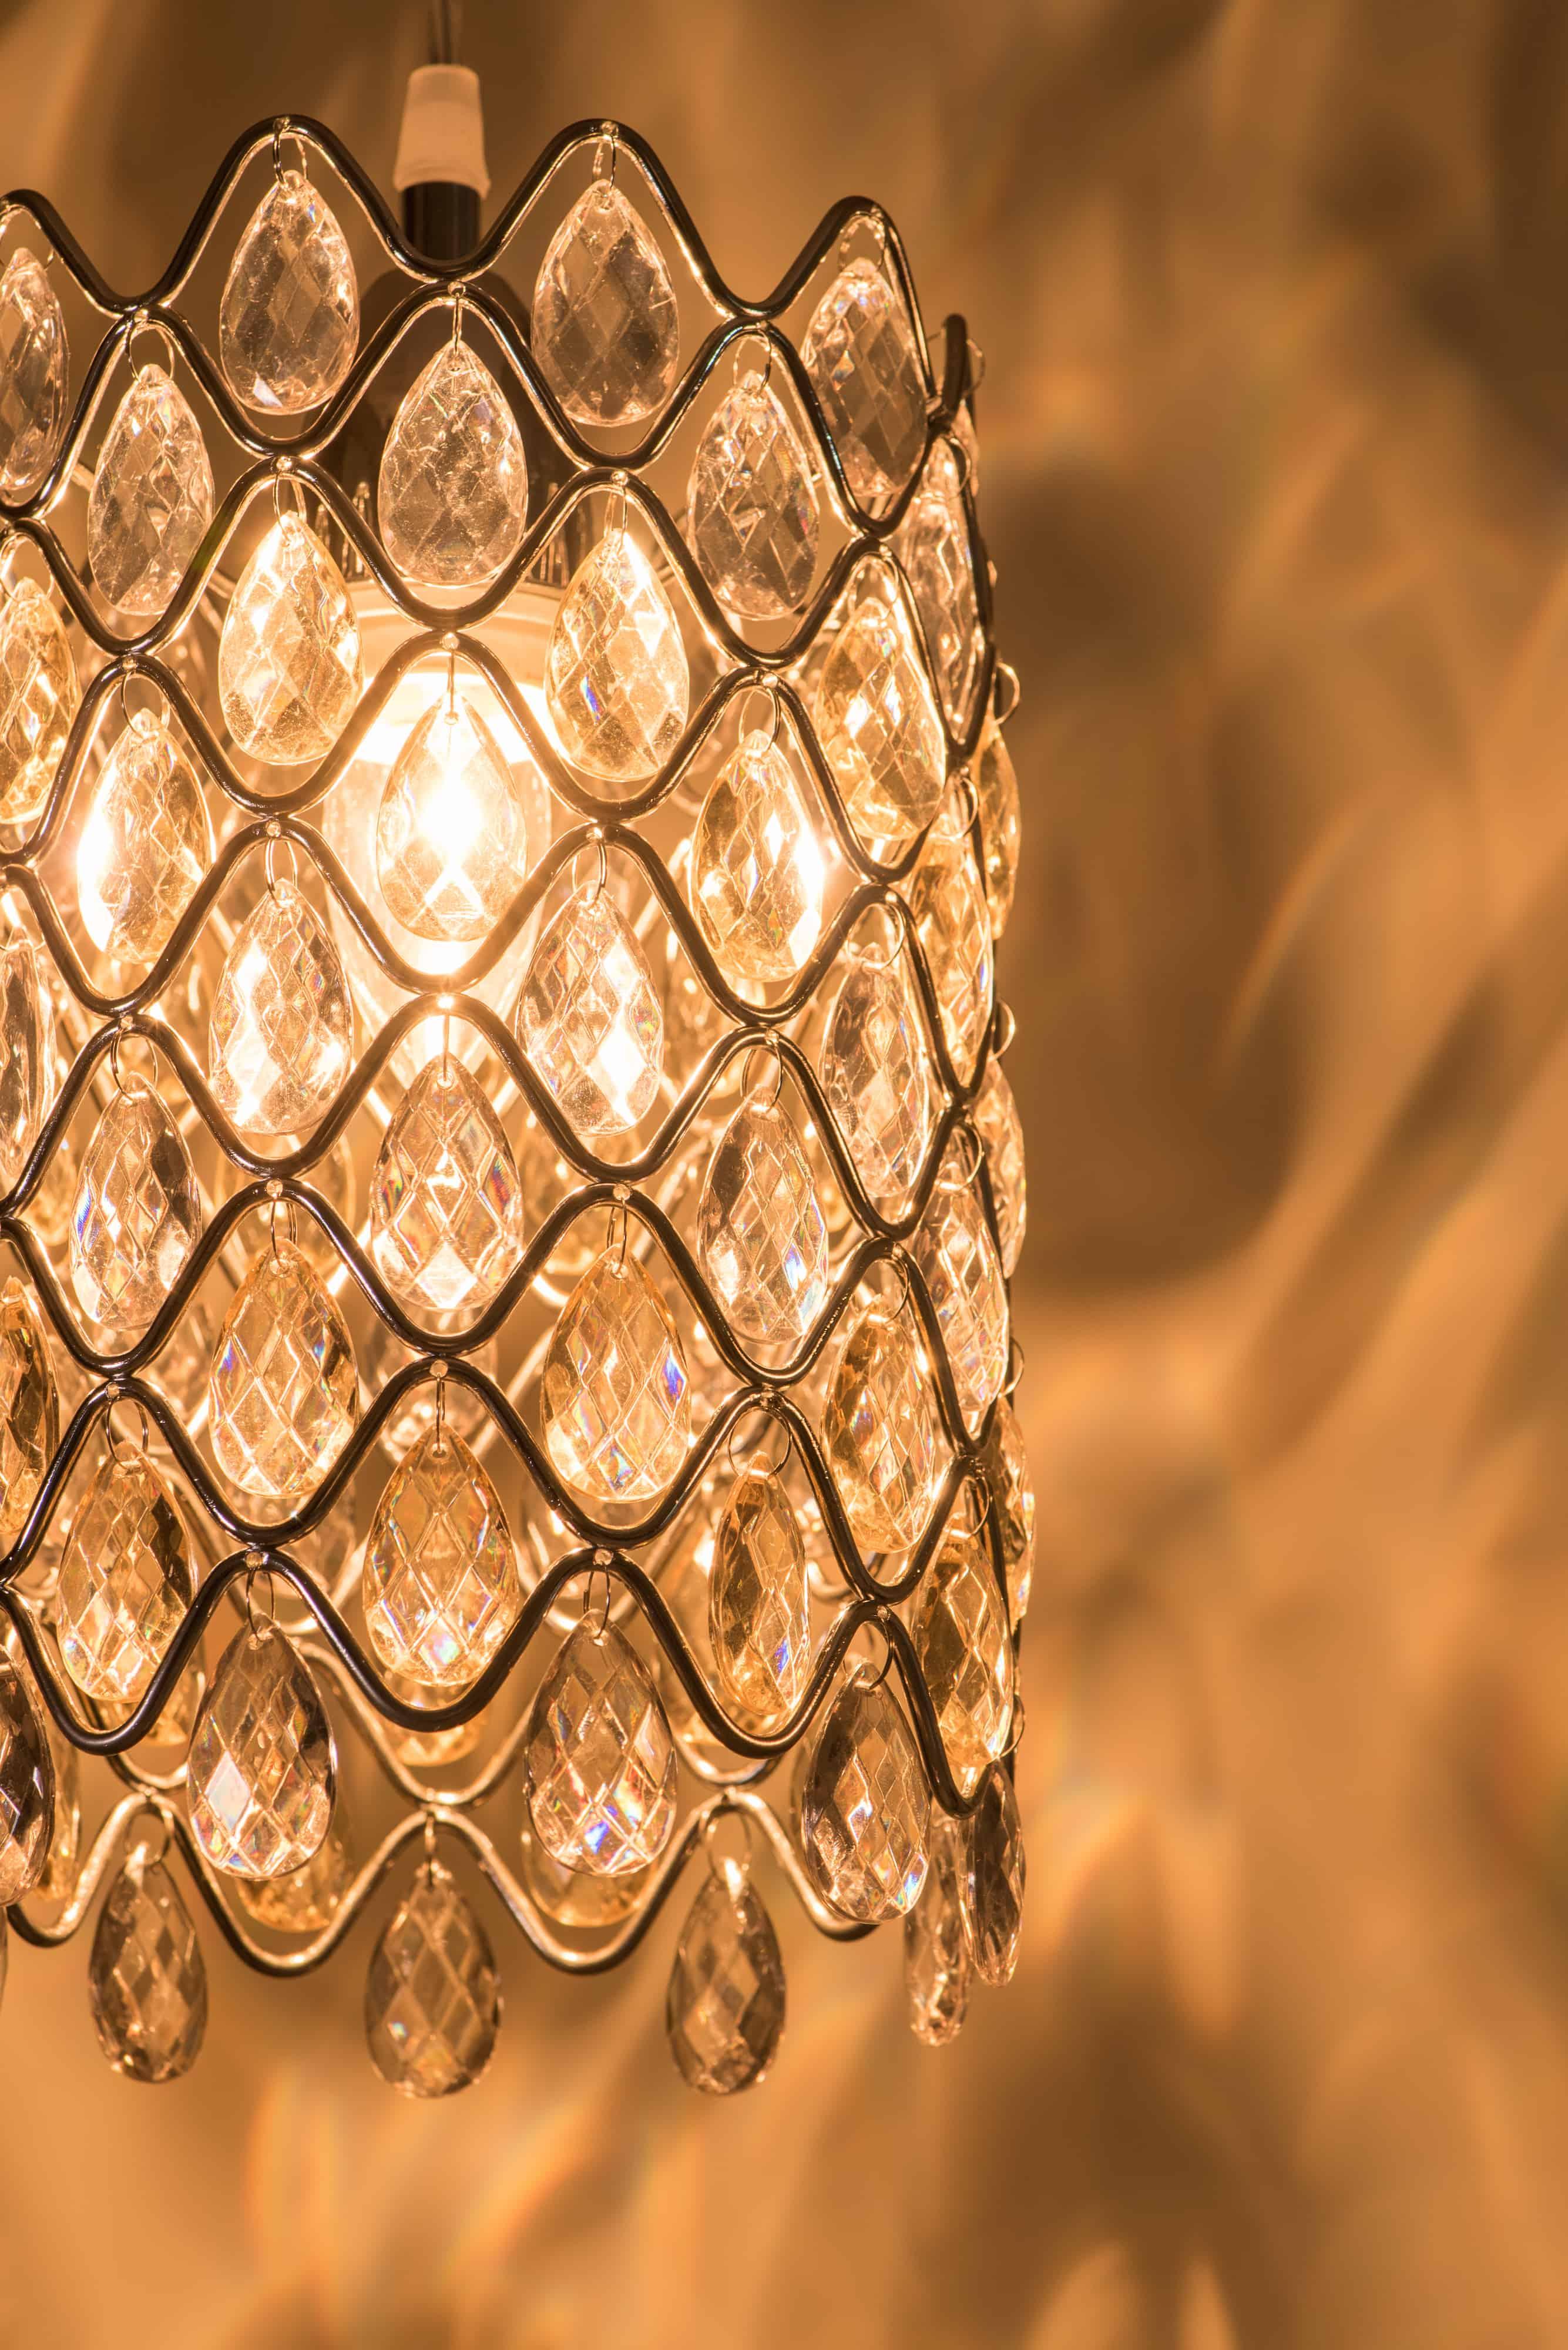 鍍鉻波浪紋壓克力珠吊燈-BNL00051 5